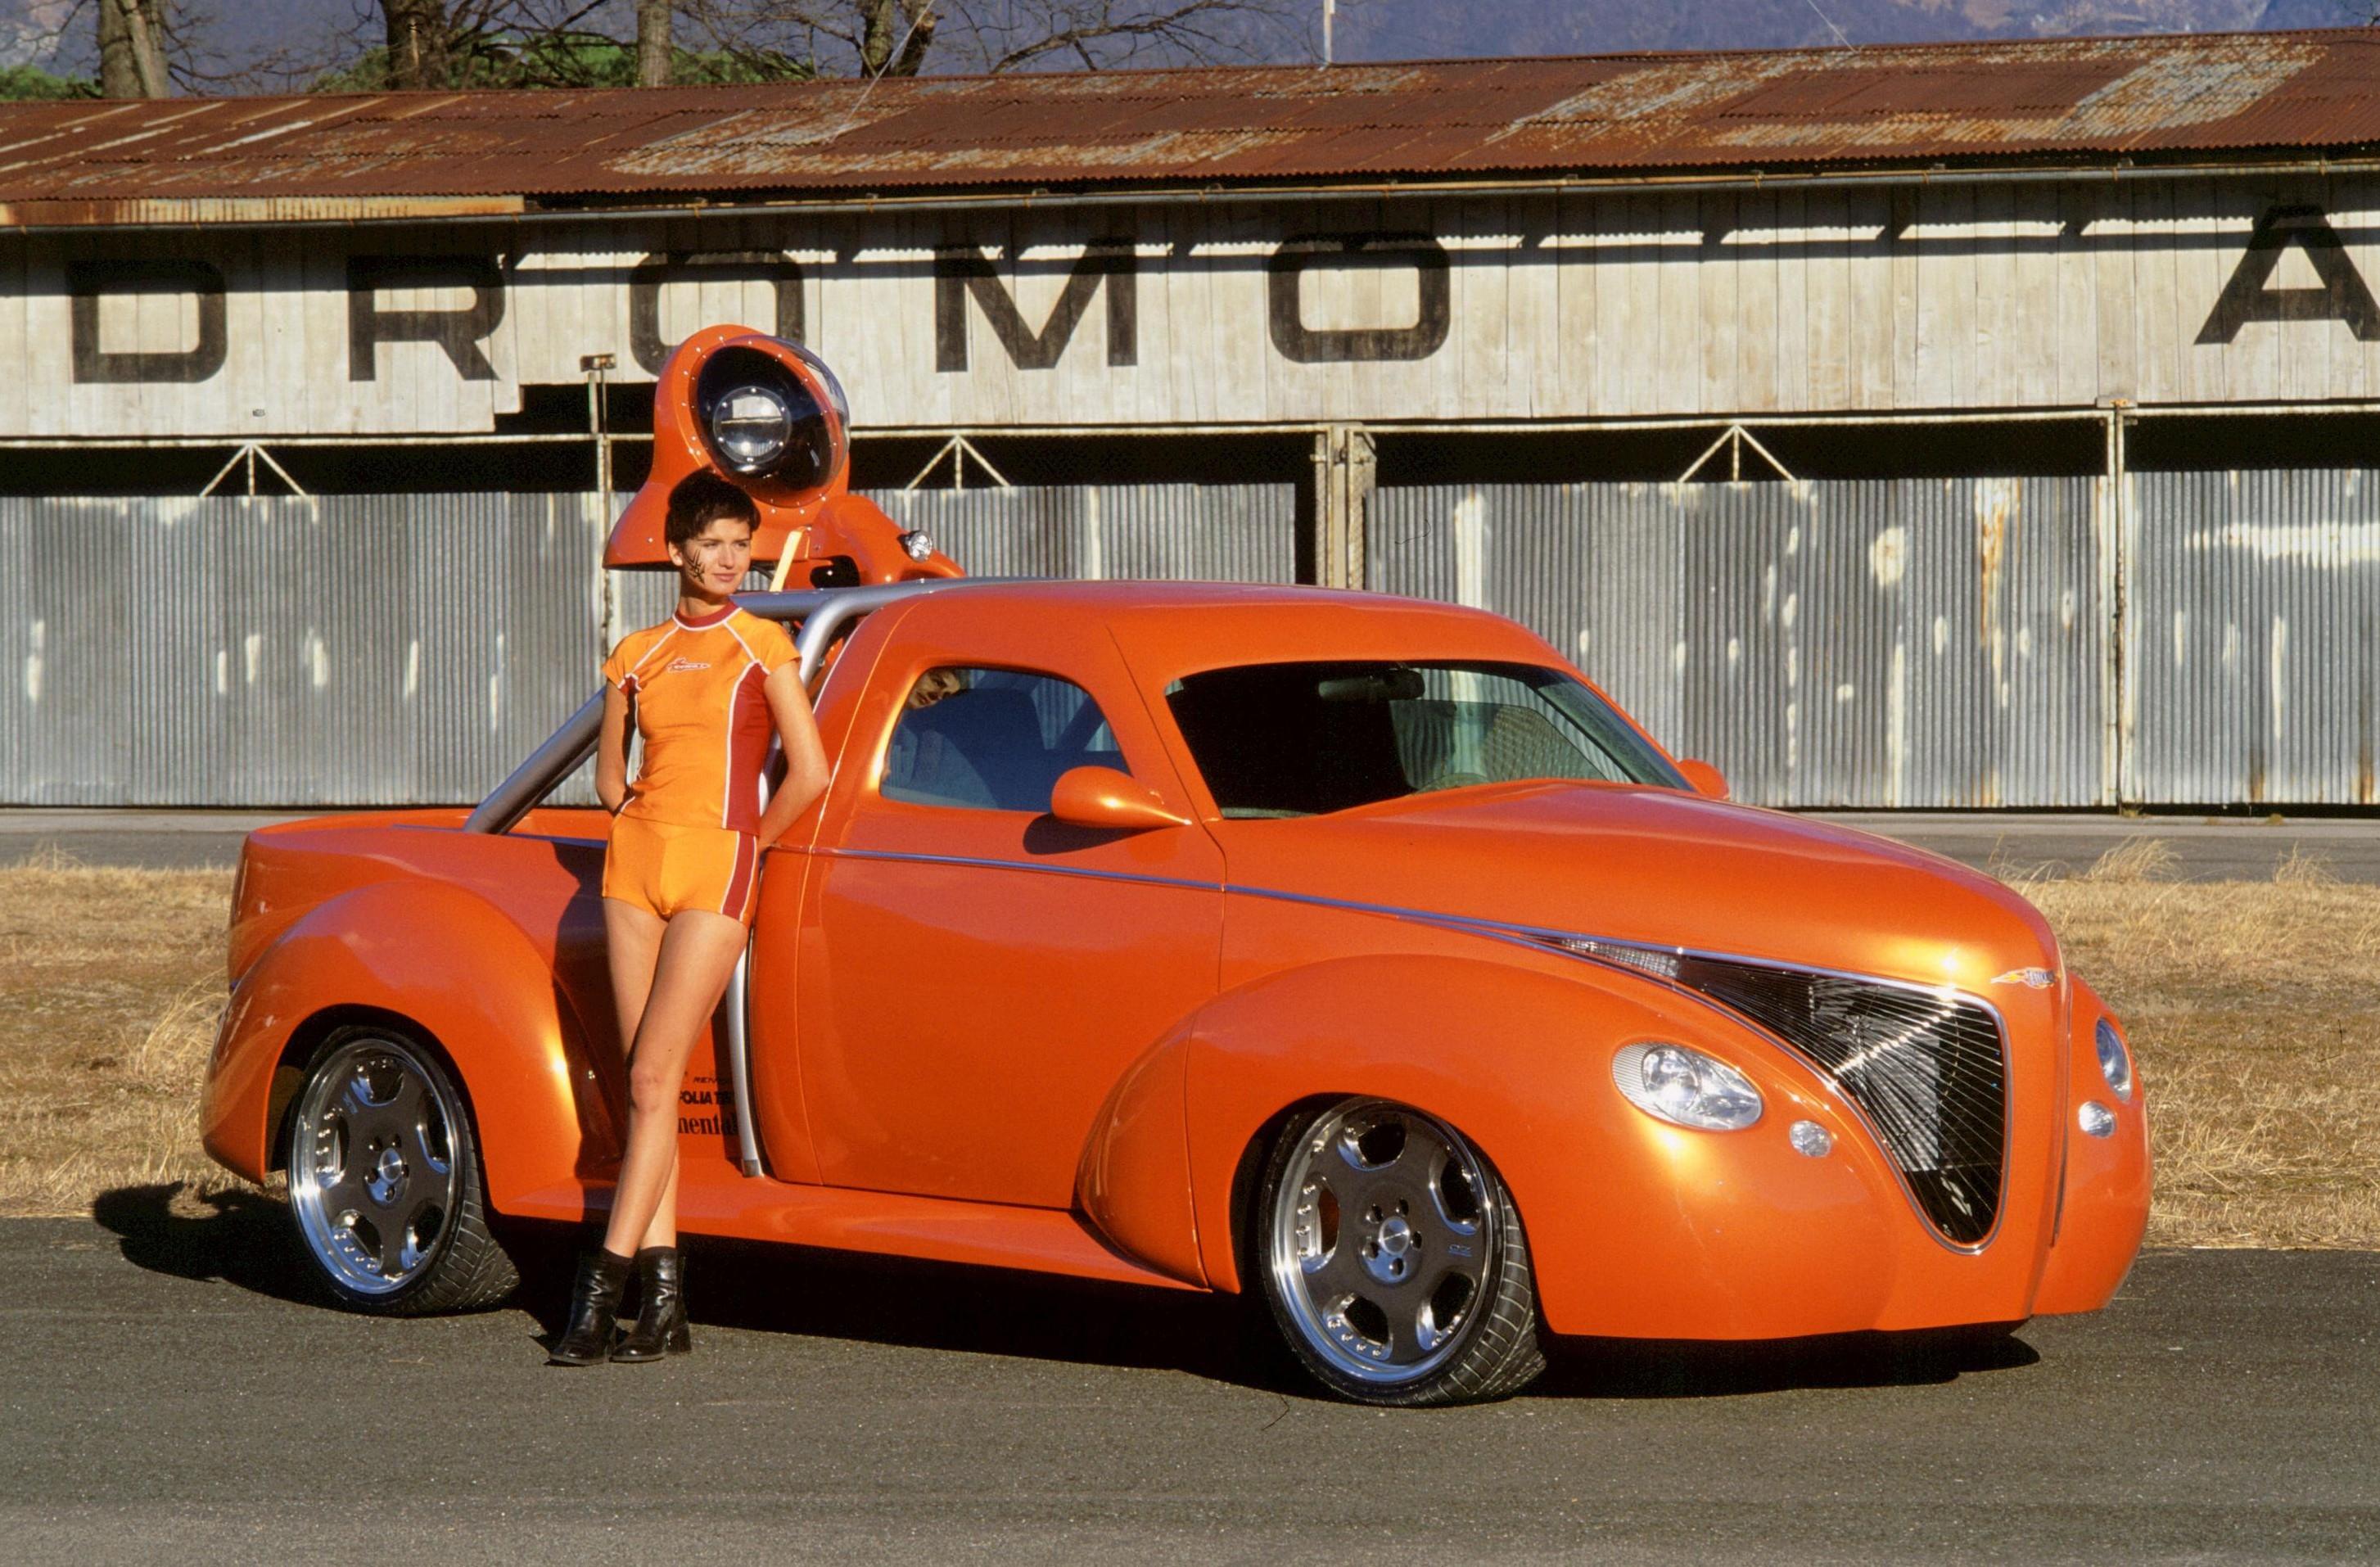 Супер фото девушек и авто 18 фотография